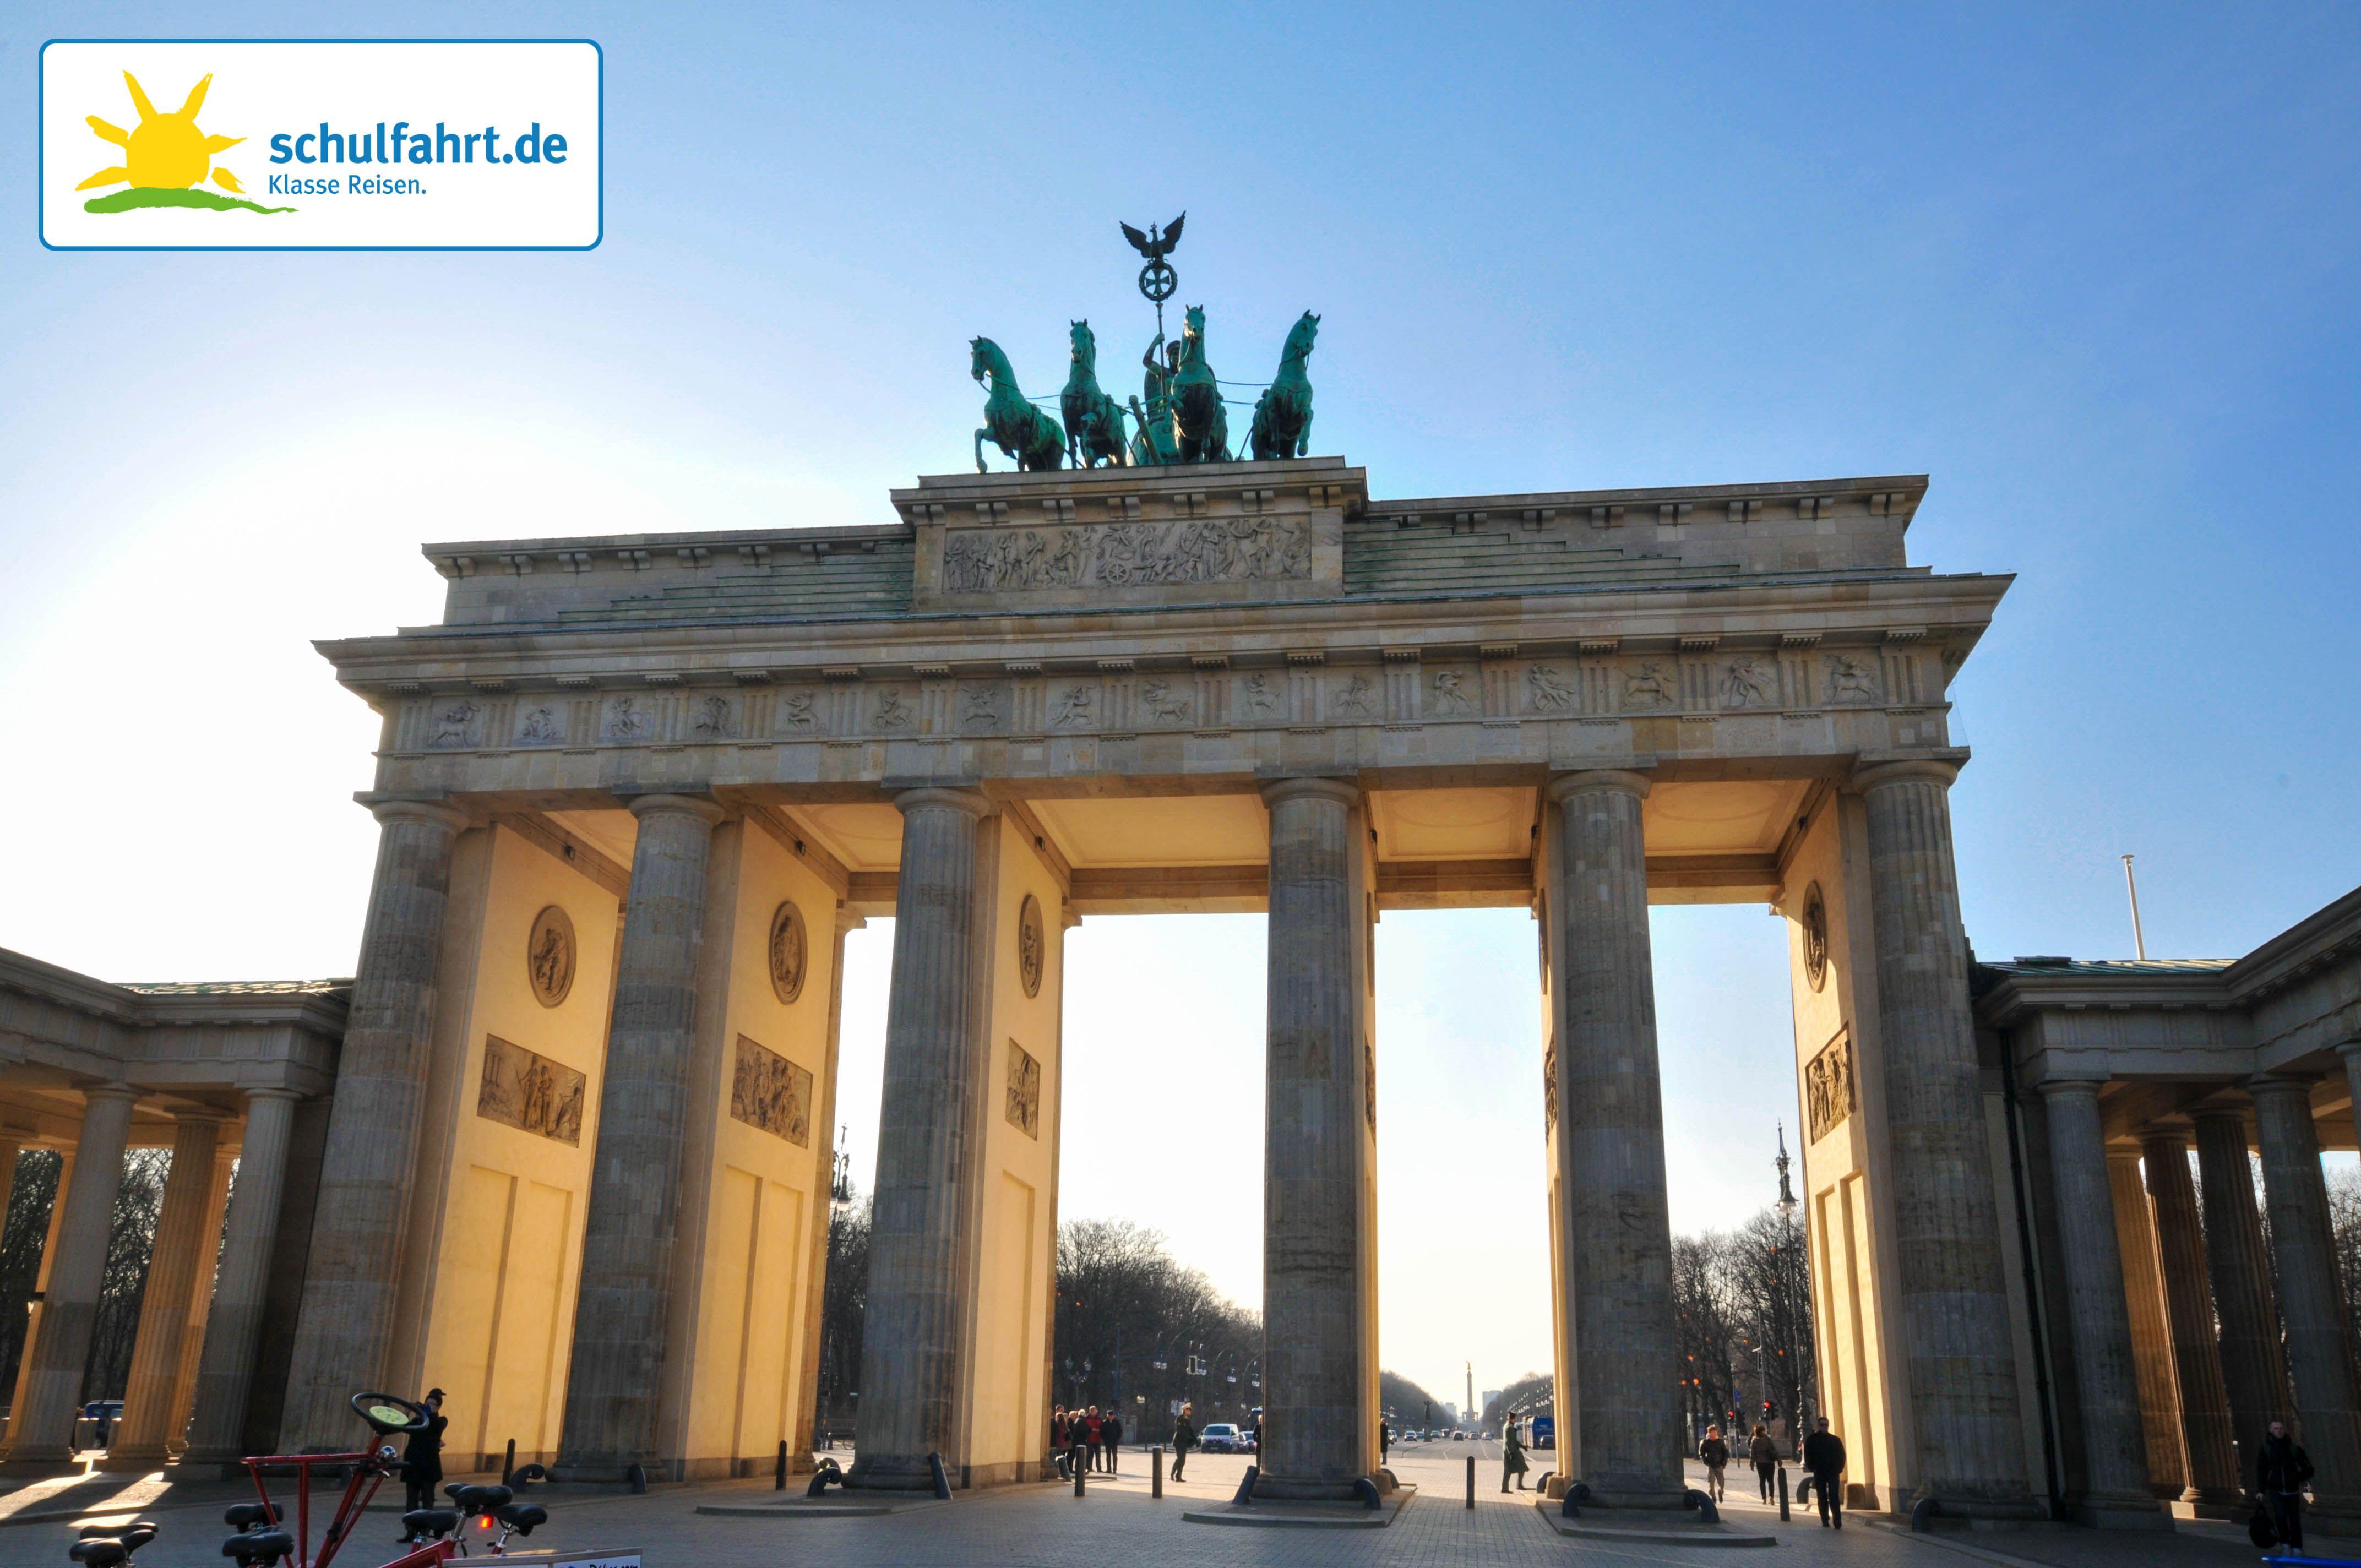 Das Brandenburger Tor In Den Nachmittagsstunden Www Schulfahrt De Berlin Klassenfahrt Schulfahrt Mit Bildern Schulfahrt Klassenfahrt Reisen